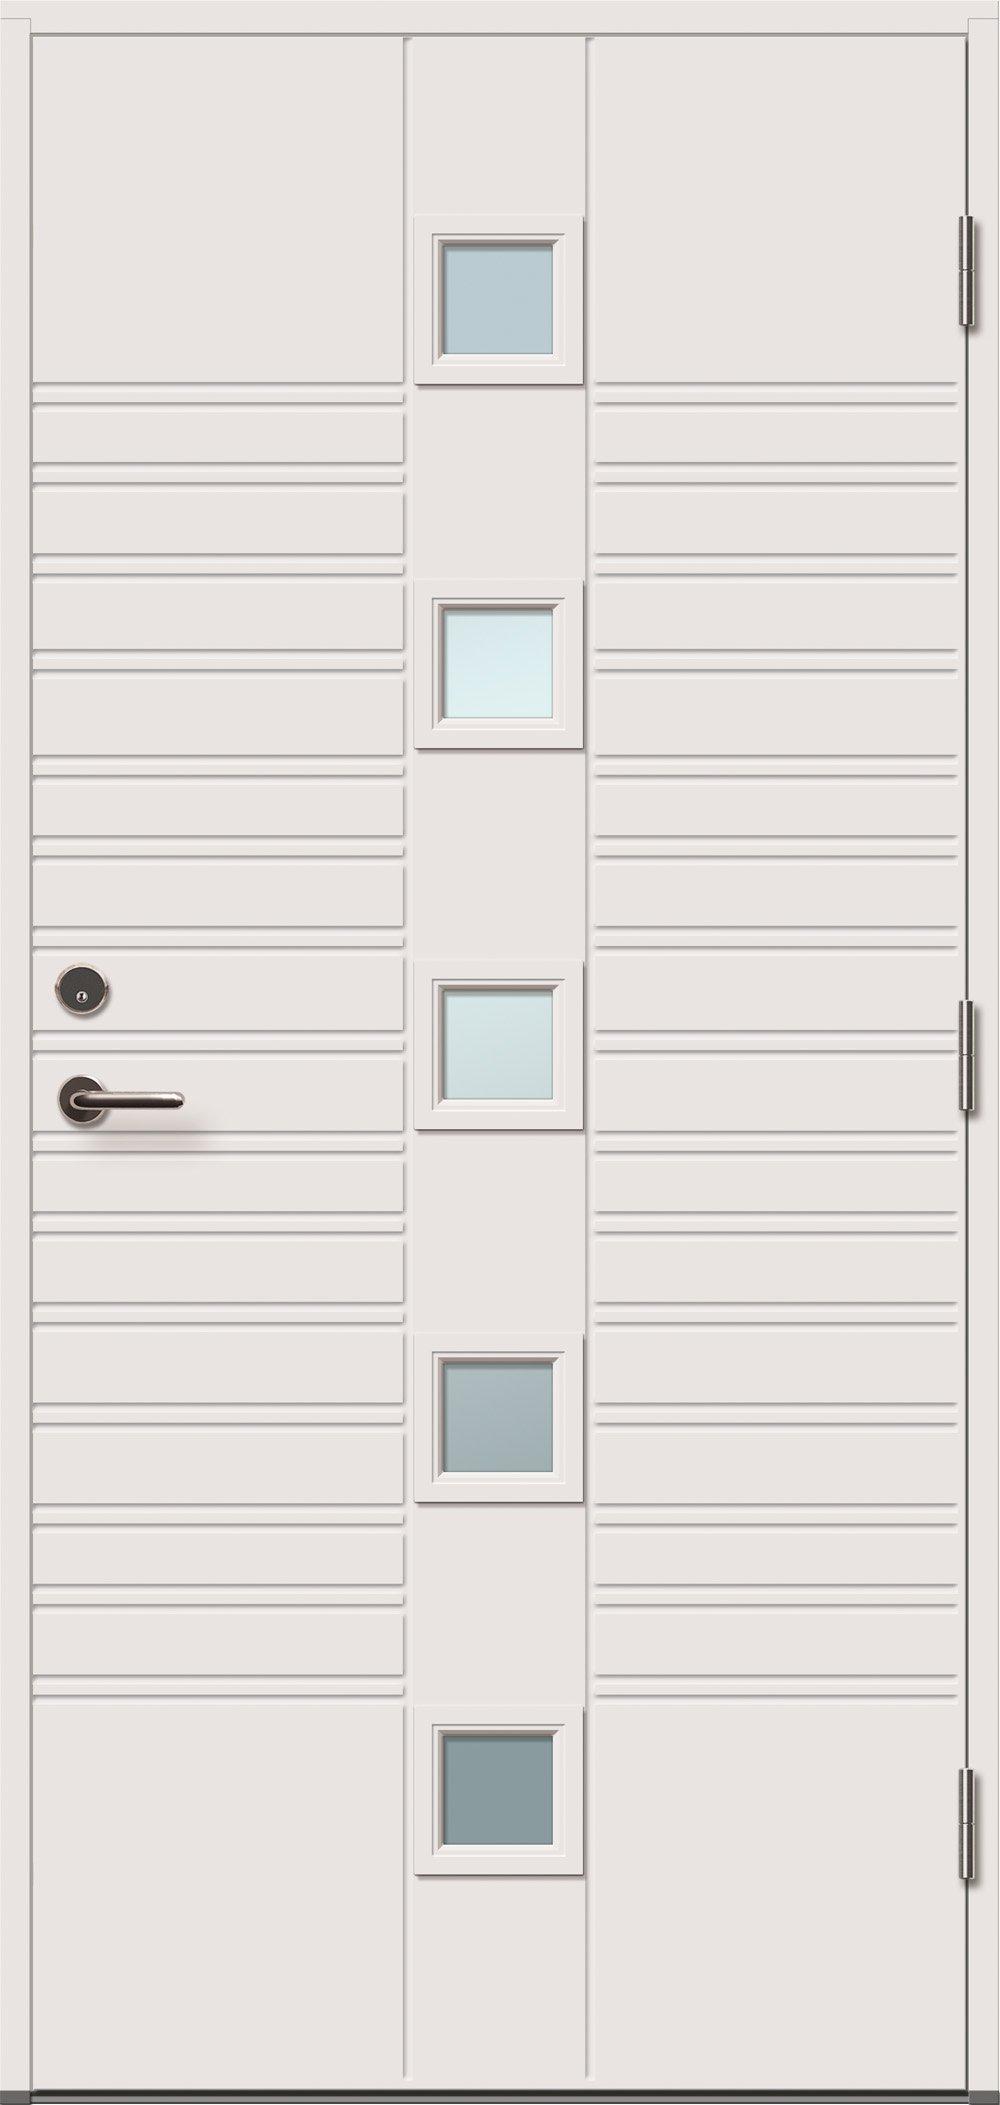 viljandi aken ja uks klaasiga välisuks kaia 5x1R